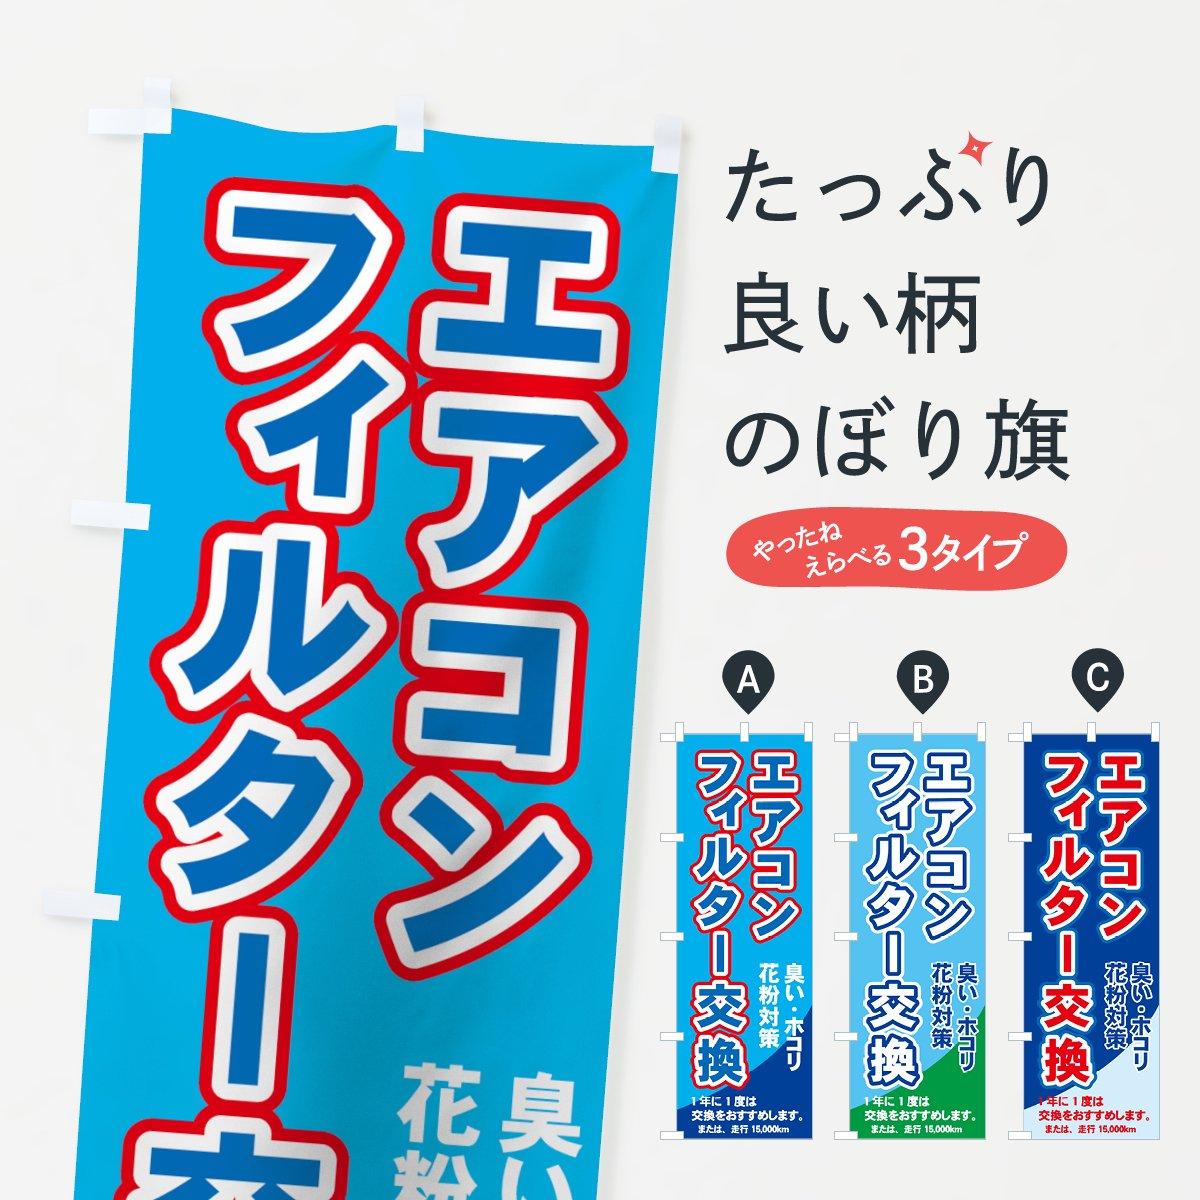 エアコンフィルター交換のぼり旗【臭い ホコリ 花粉対策】[カーショップ]